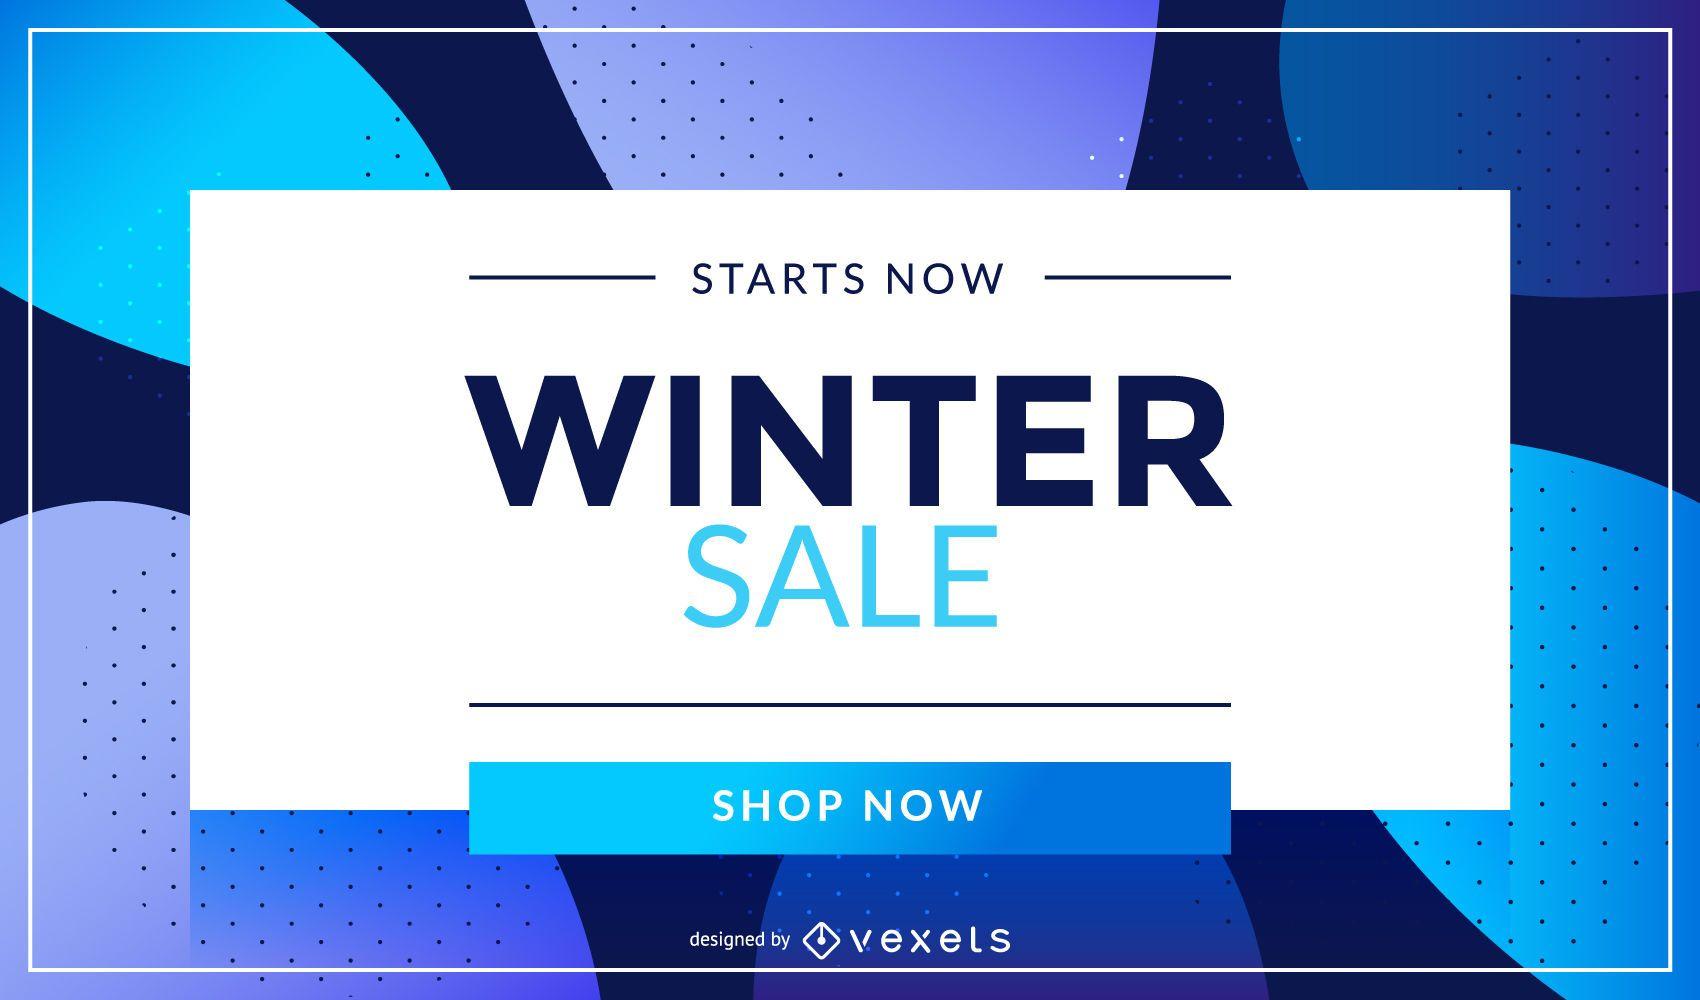 Oferta de invierno Compre ahora dise?o